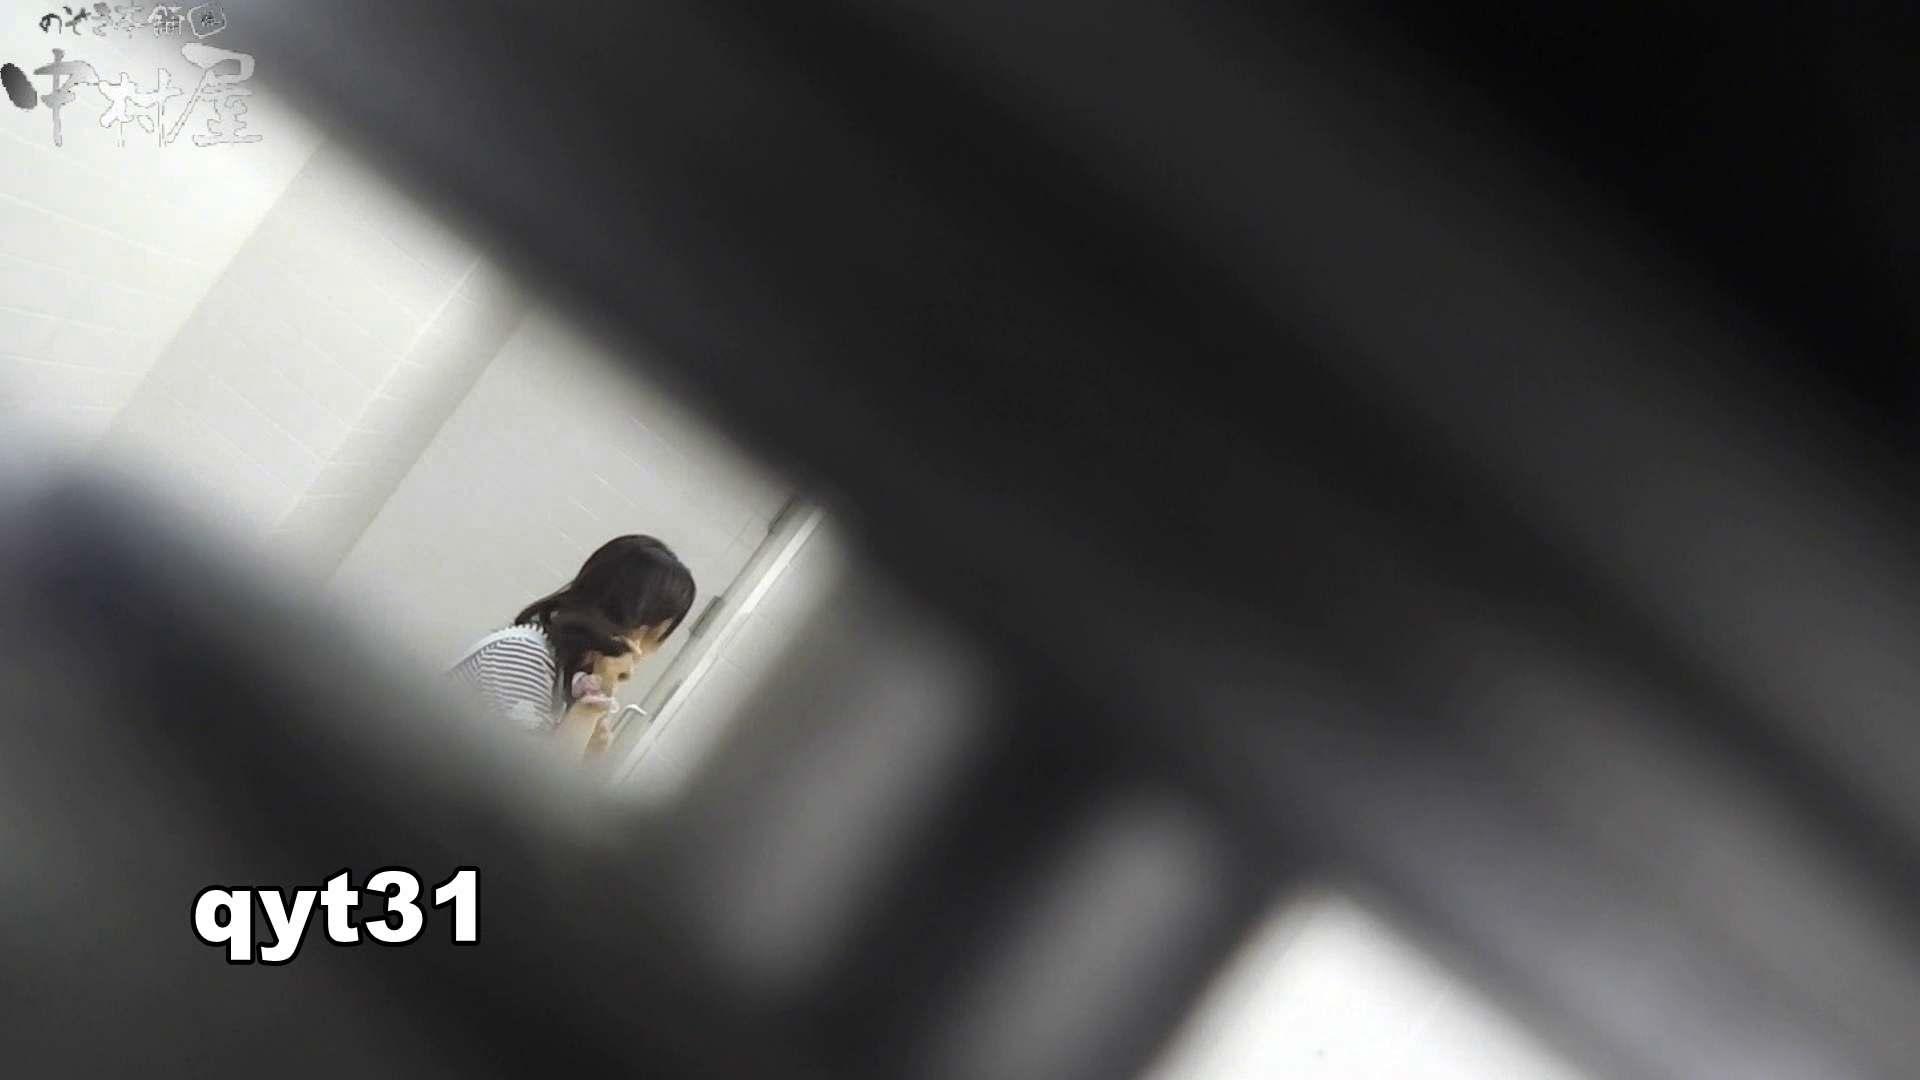 【お銀さんの「洗面所突入レポート!!」】お銀さんの「洗面所突入レポート!!」 vol.31 Σ(||゚Д゚)ヒィ~!! OLセックス | 洗面所  66画像 41